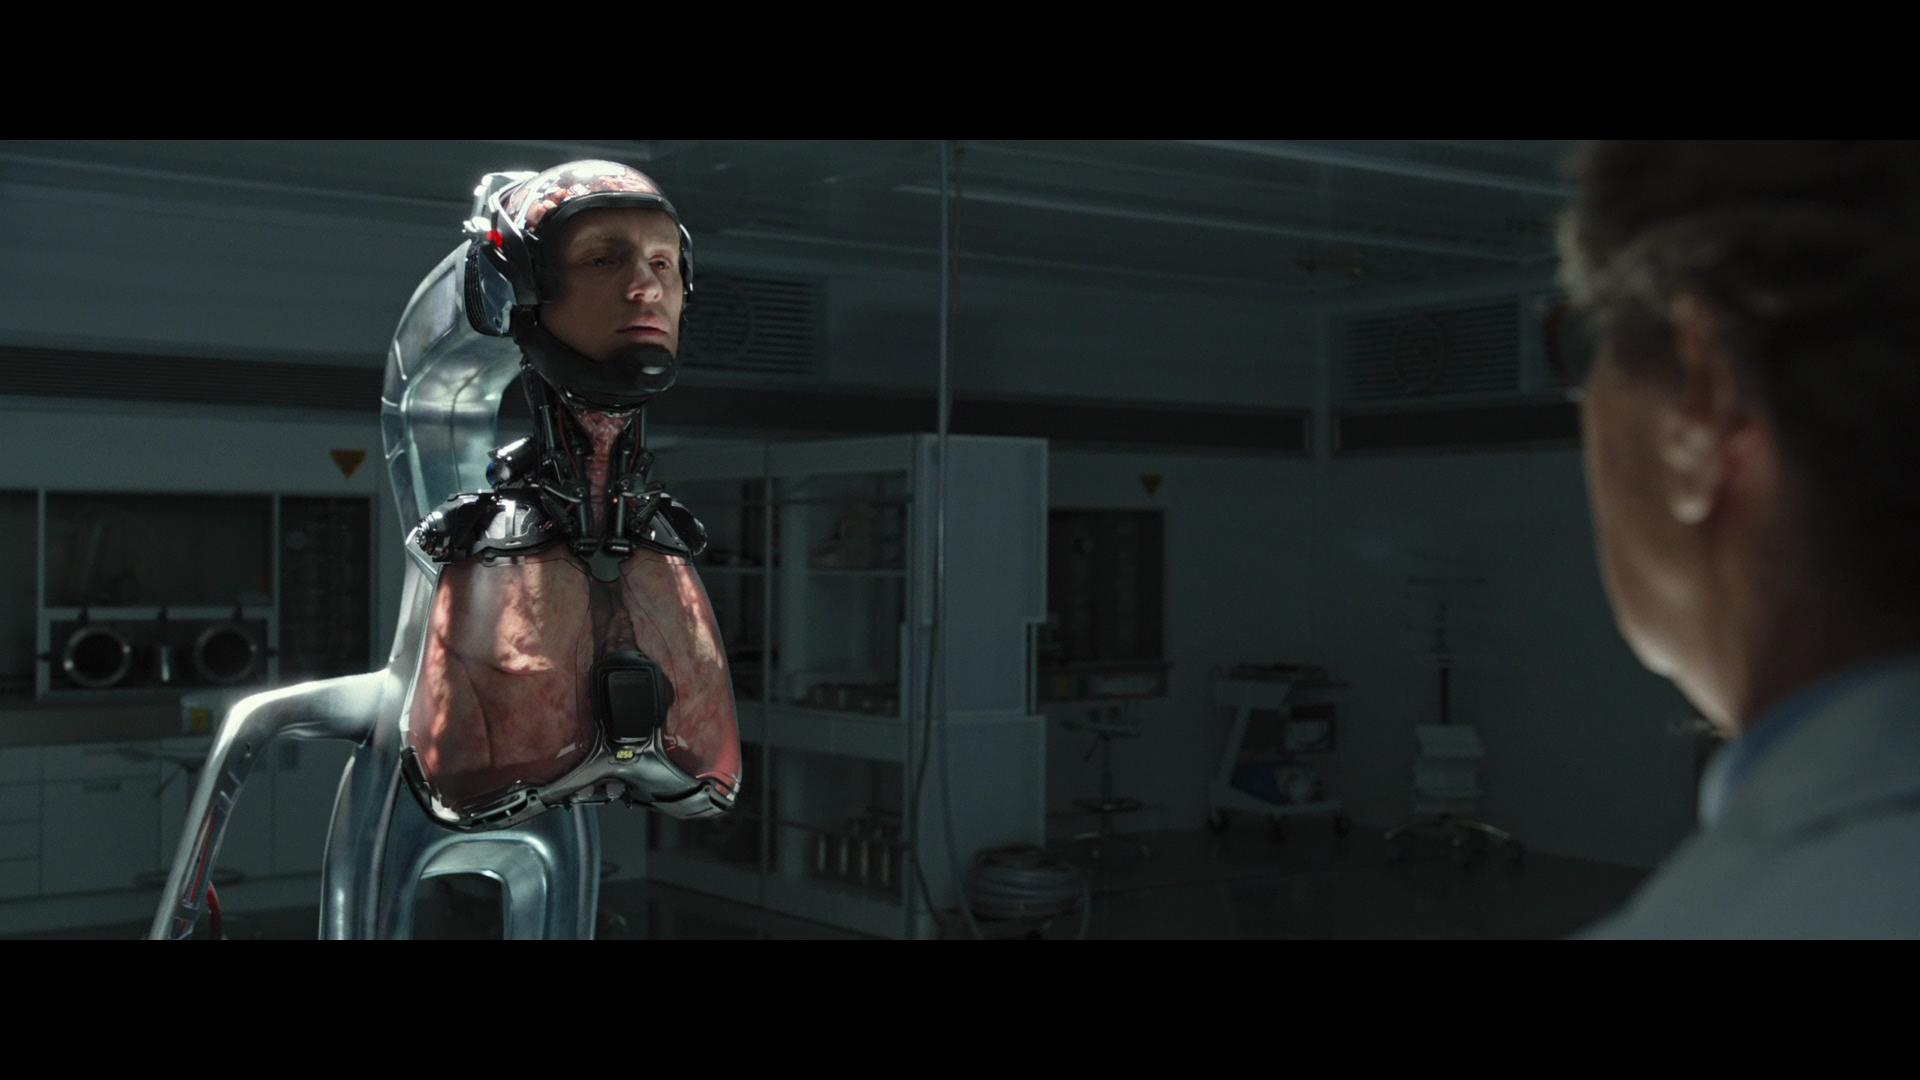 РобоКоп / RoboCop (2014) BD-Remux 1080p